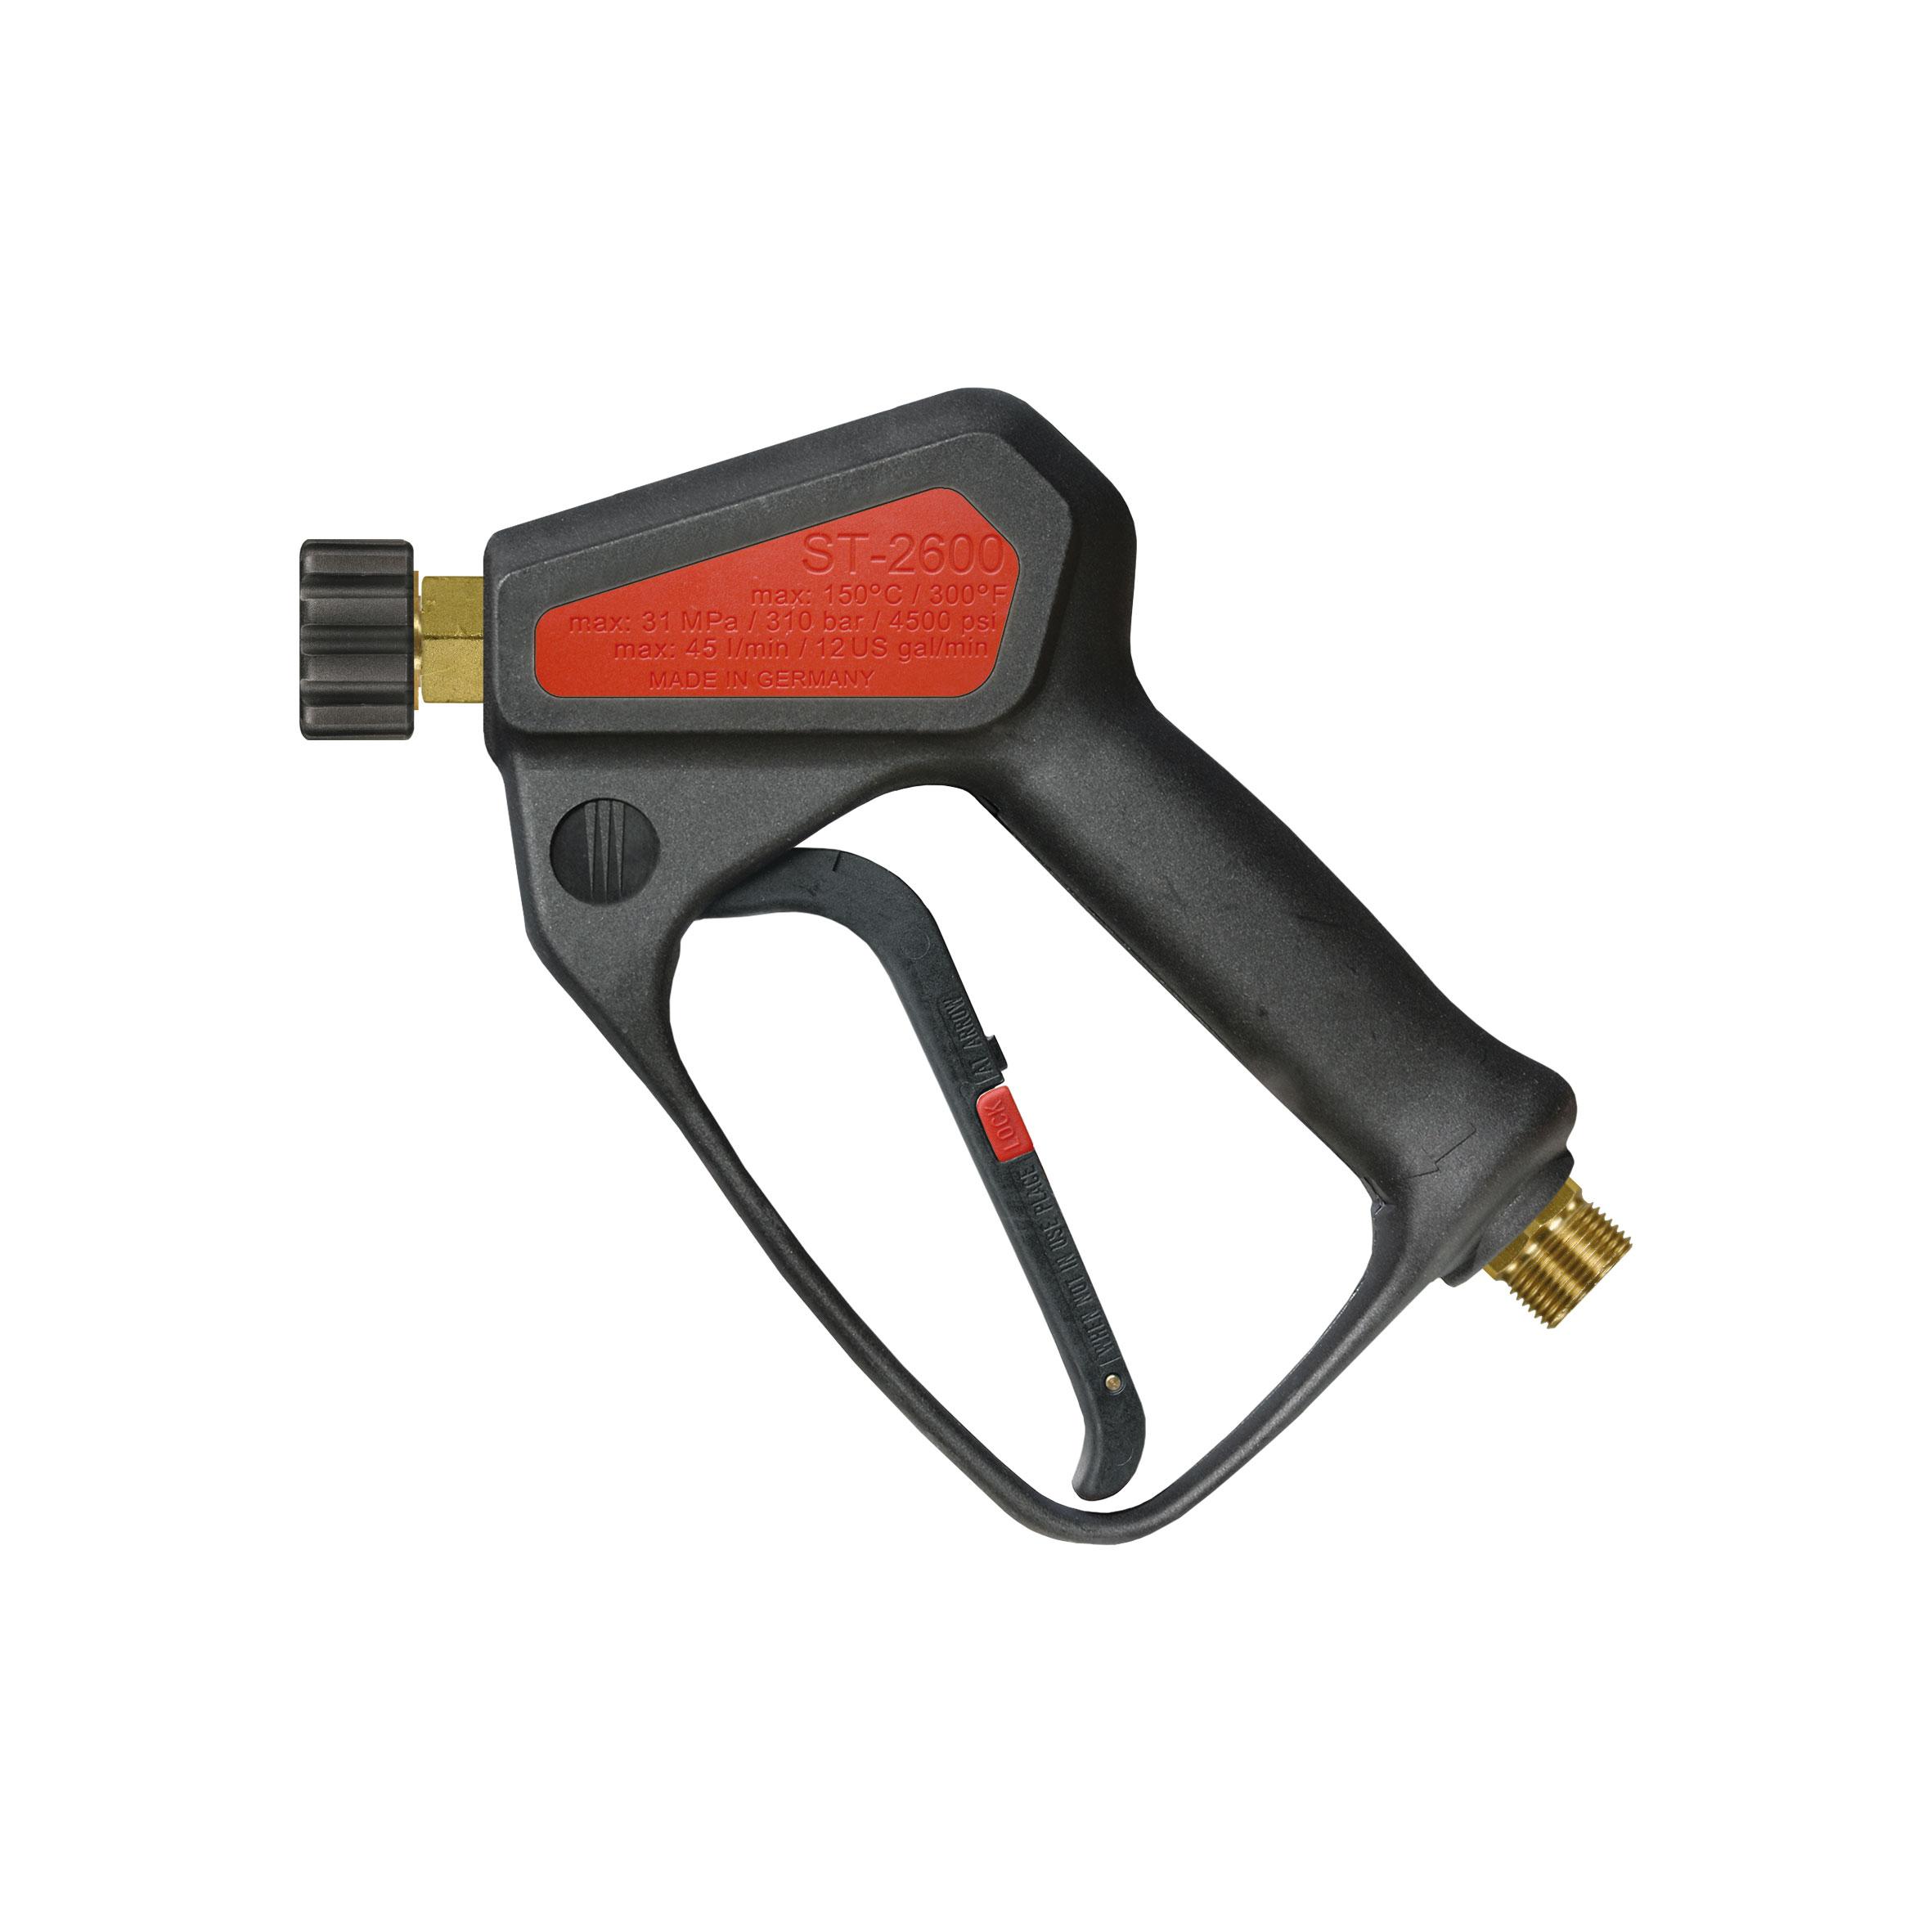 Pistolet haute pression professionnel avec système LTF, max. 310 bar